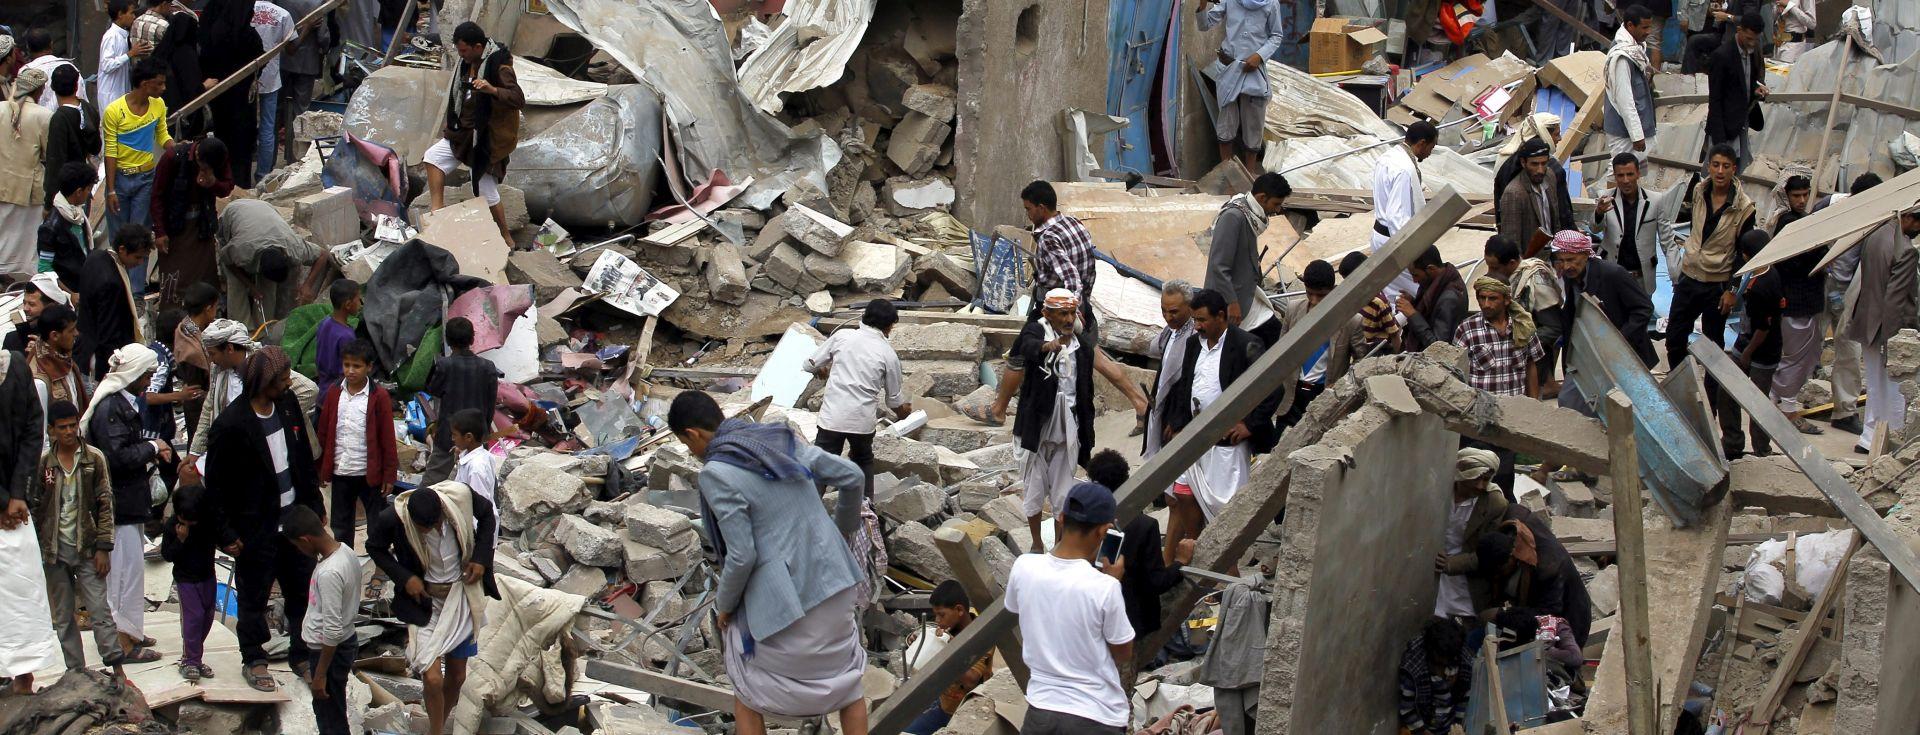 CIVILNE ŽRTVE: Turska će istražiti pogibiju civila u svojim zračnim napadima na Irak